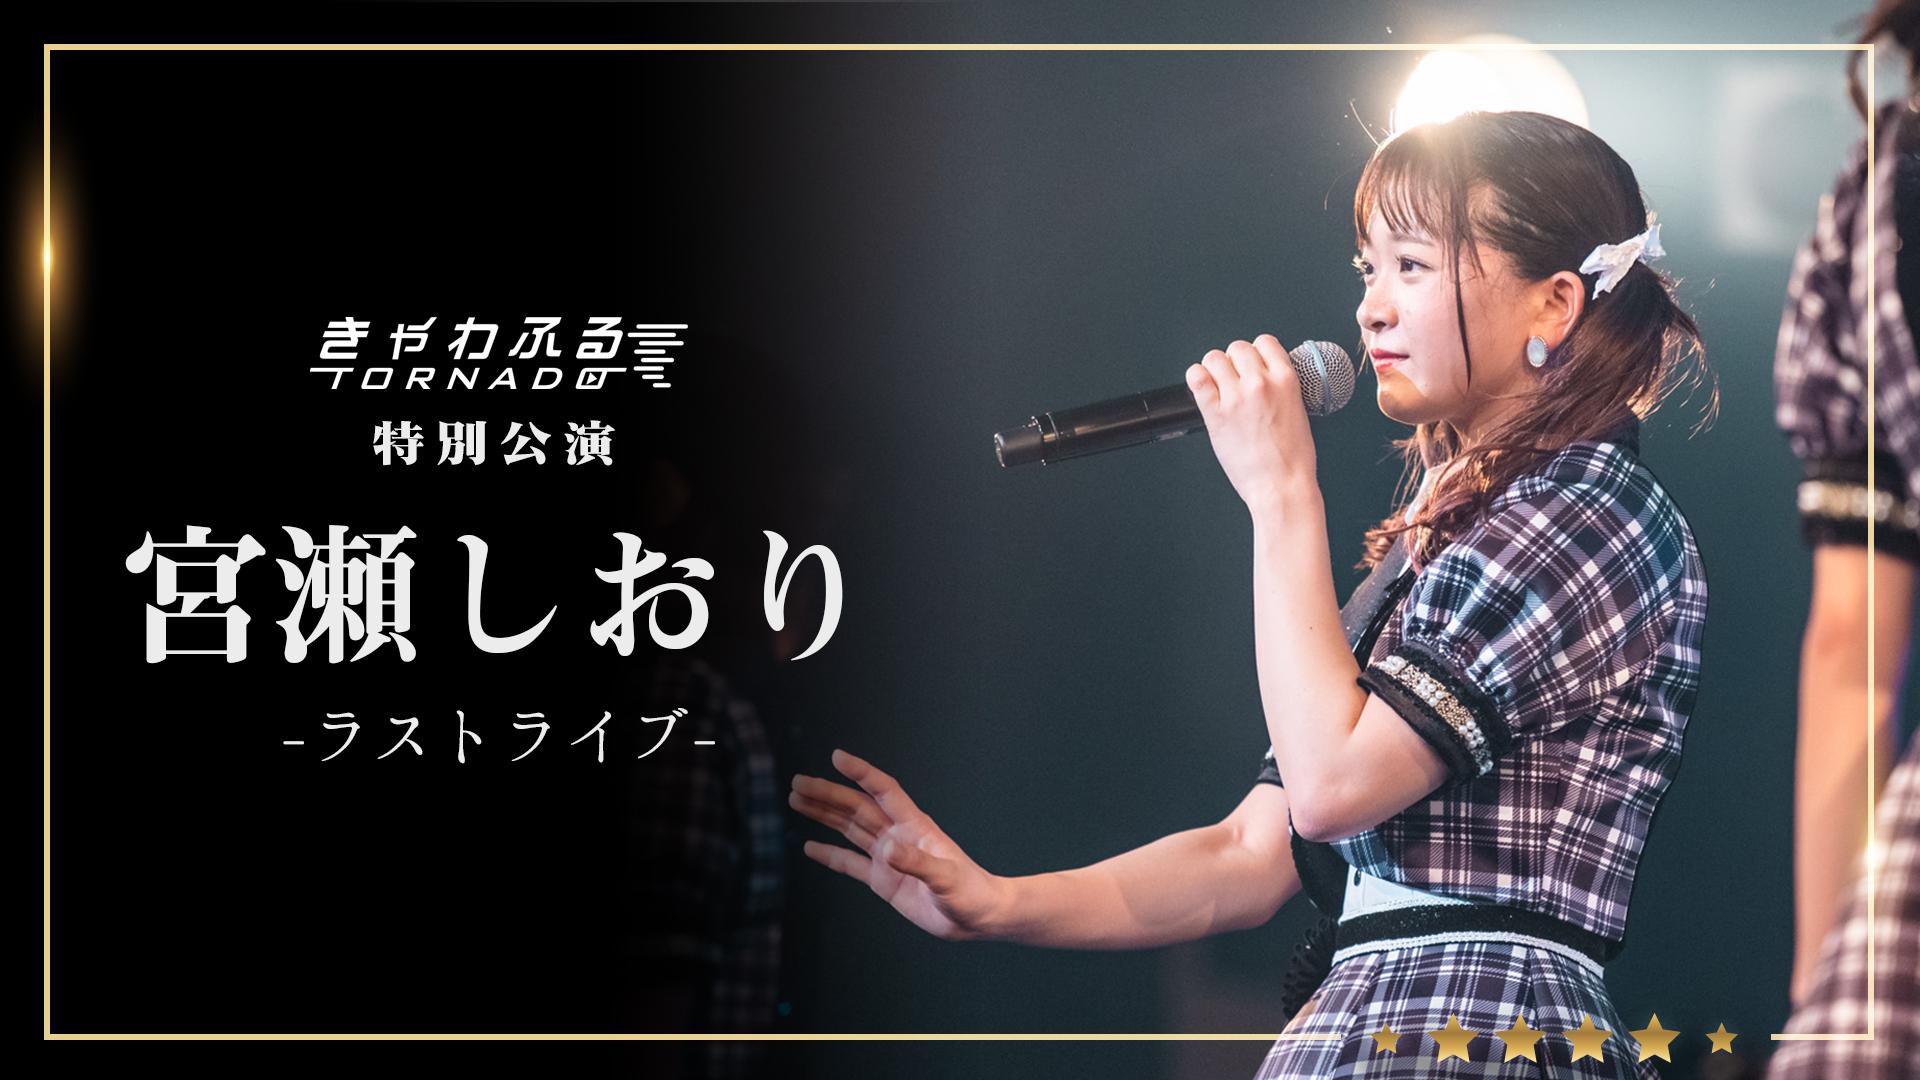 きゃわふるTORNADO 特別公演「宮瀬しおり-ラストライブ-」